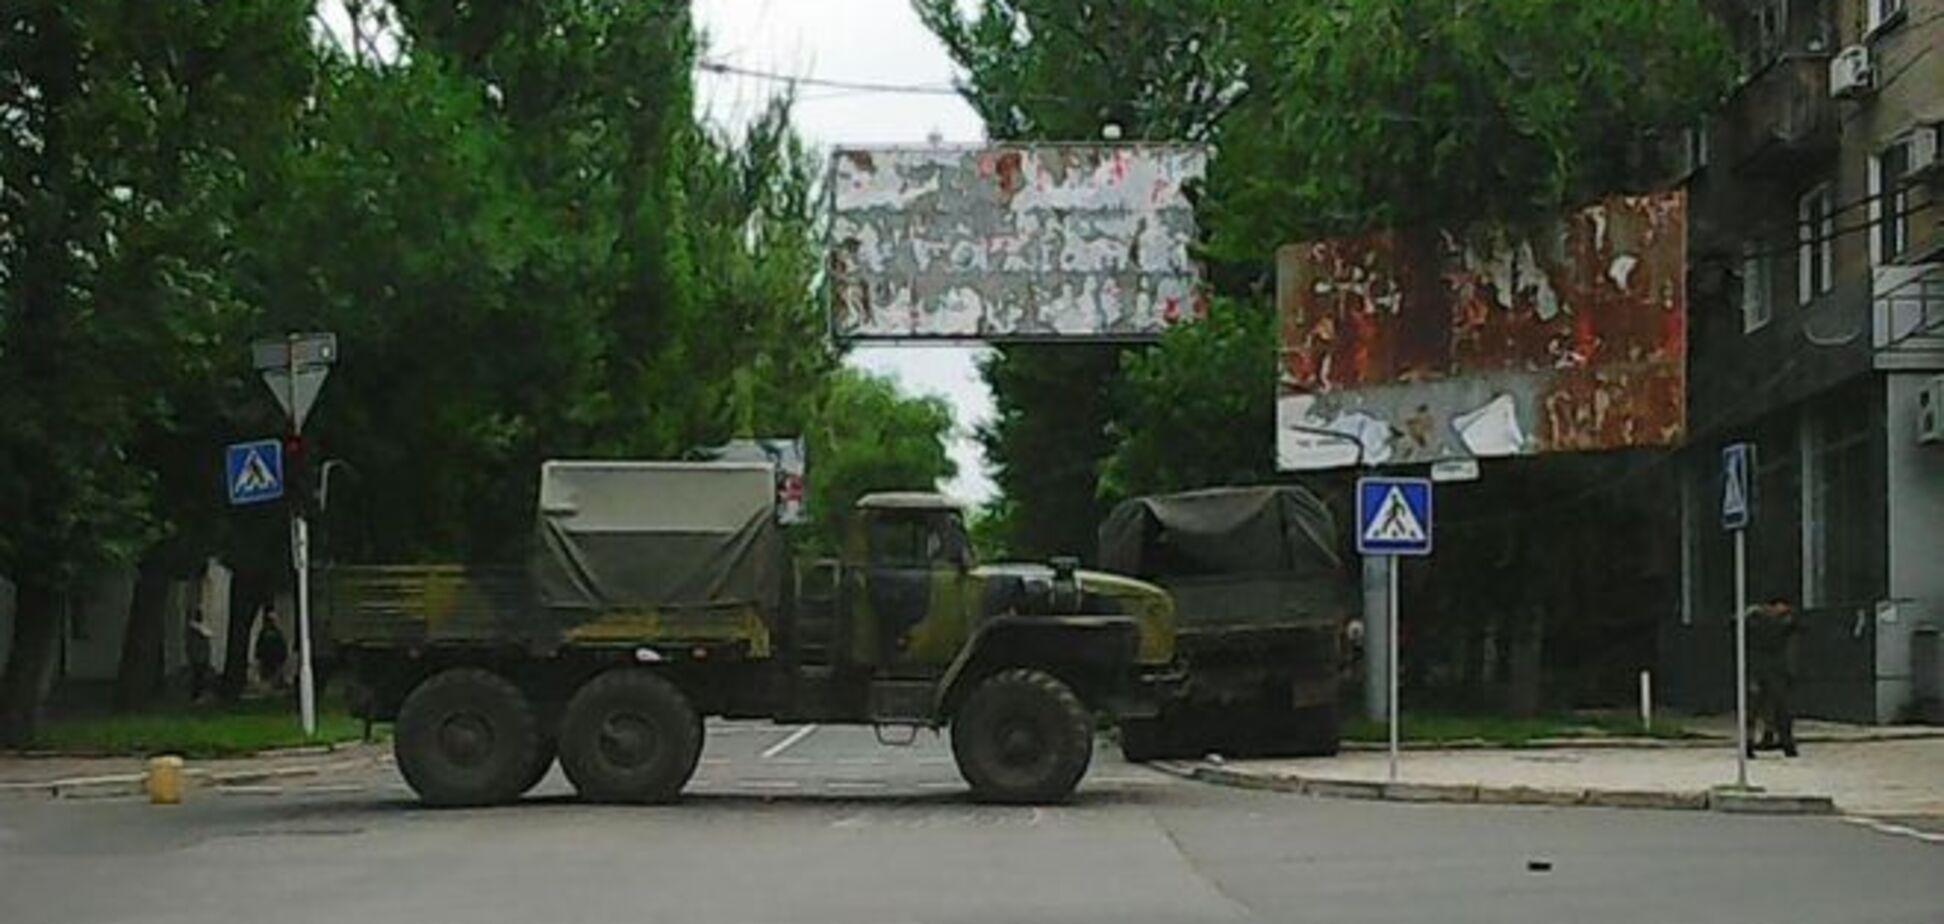 Смертельне ДТП в Донецьку: 'Урал' з терористами 'ДНР' протаранив автомобіль: фотофакт